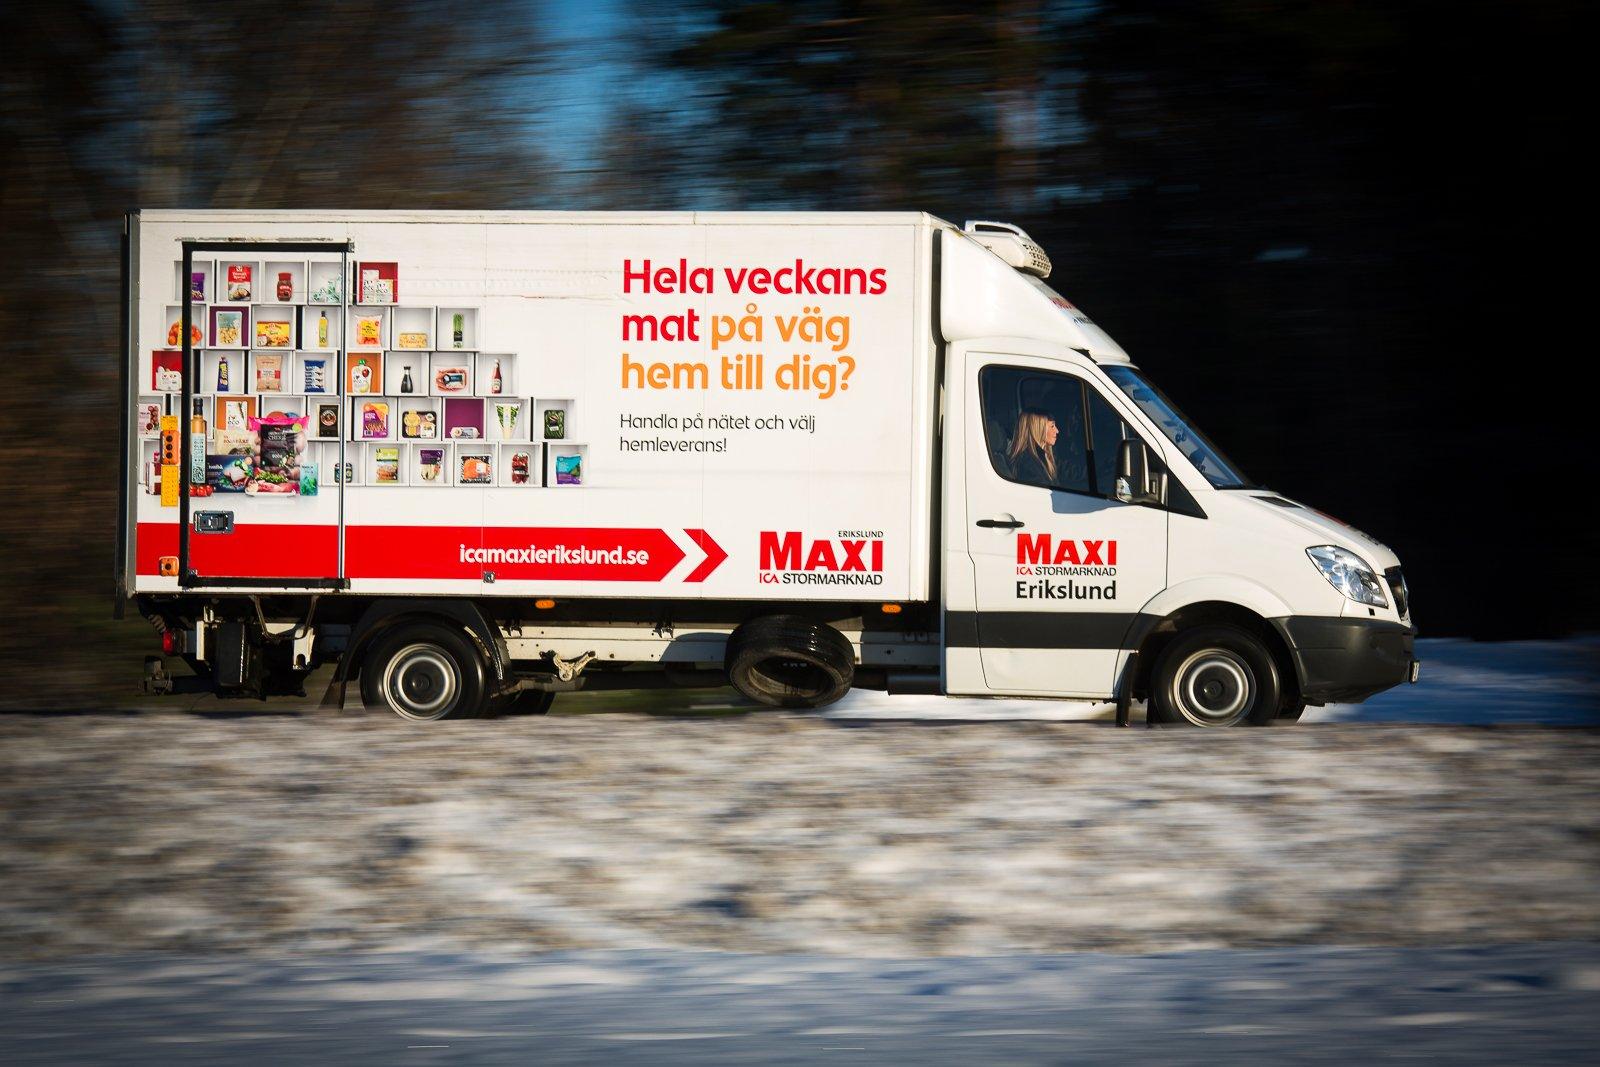 – Utkörningarna har ökat jättemycket, det är roligt att se hur vi kan påverka människors beteende, säger online-ansvarig Malin Siljebäck på ICA Maxi Erikslund i Västerås.